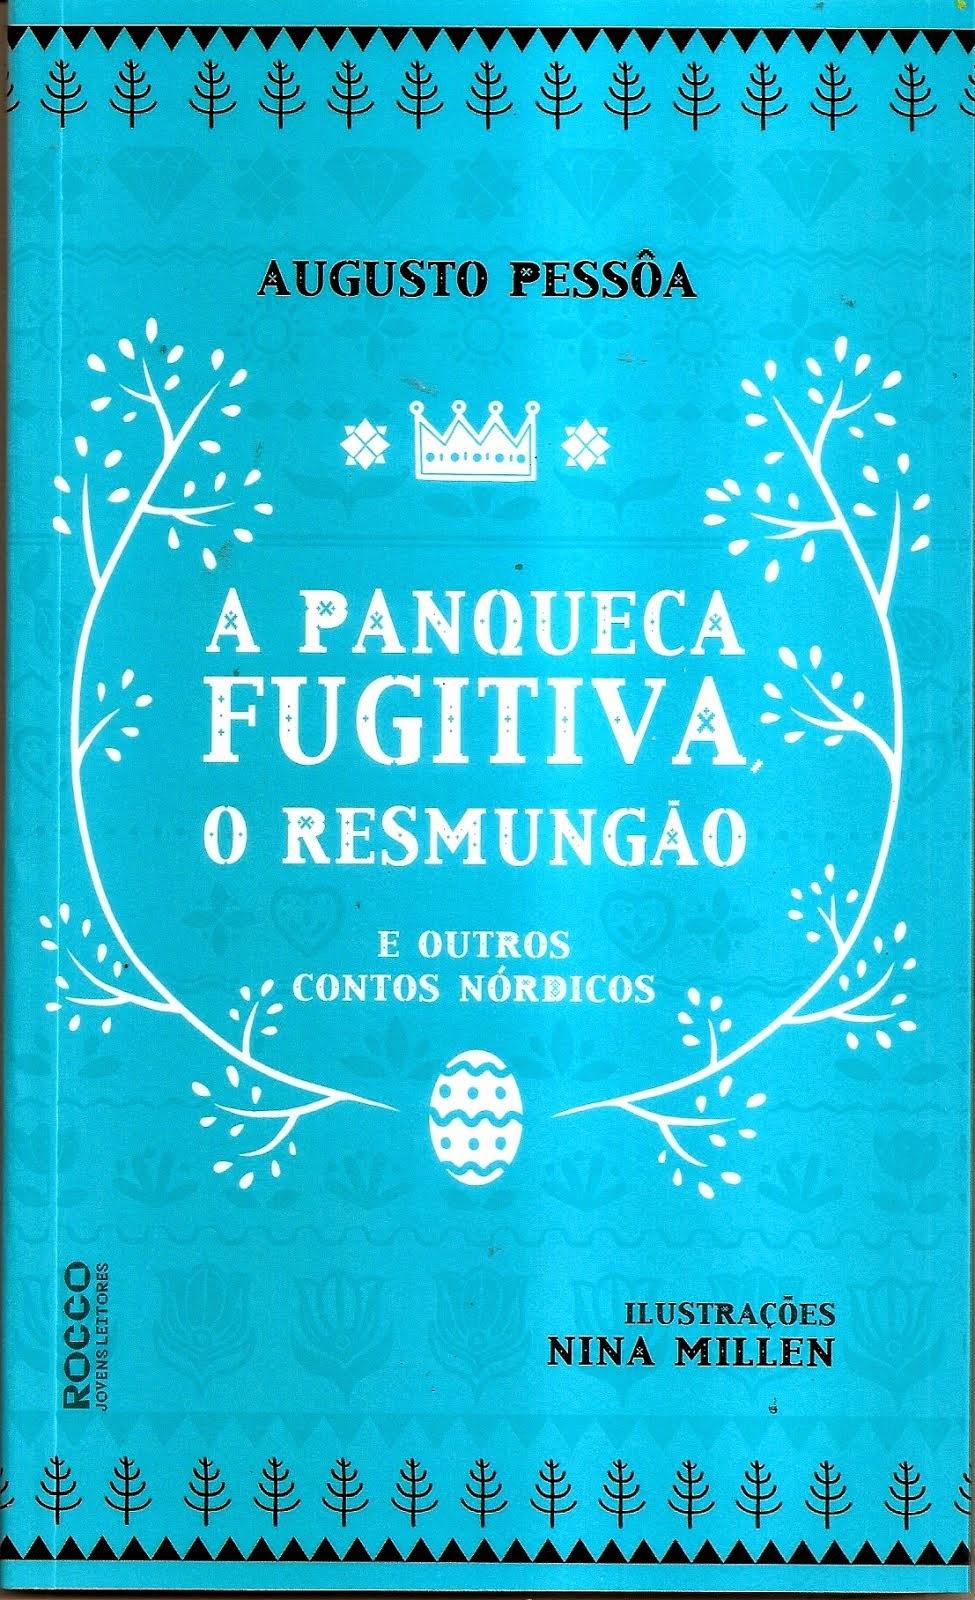 A PANQUECA FUGITIVA, O RESMUNGÃO E OUTROS CONTOS NÓRDICOS